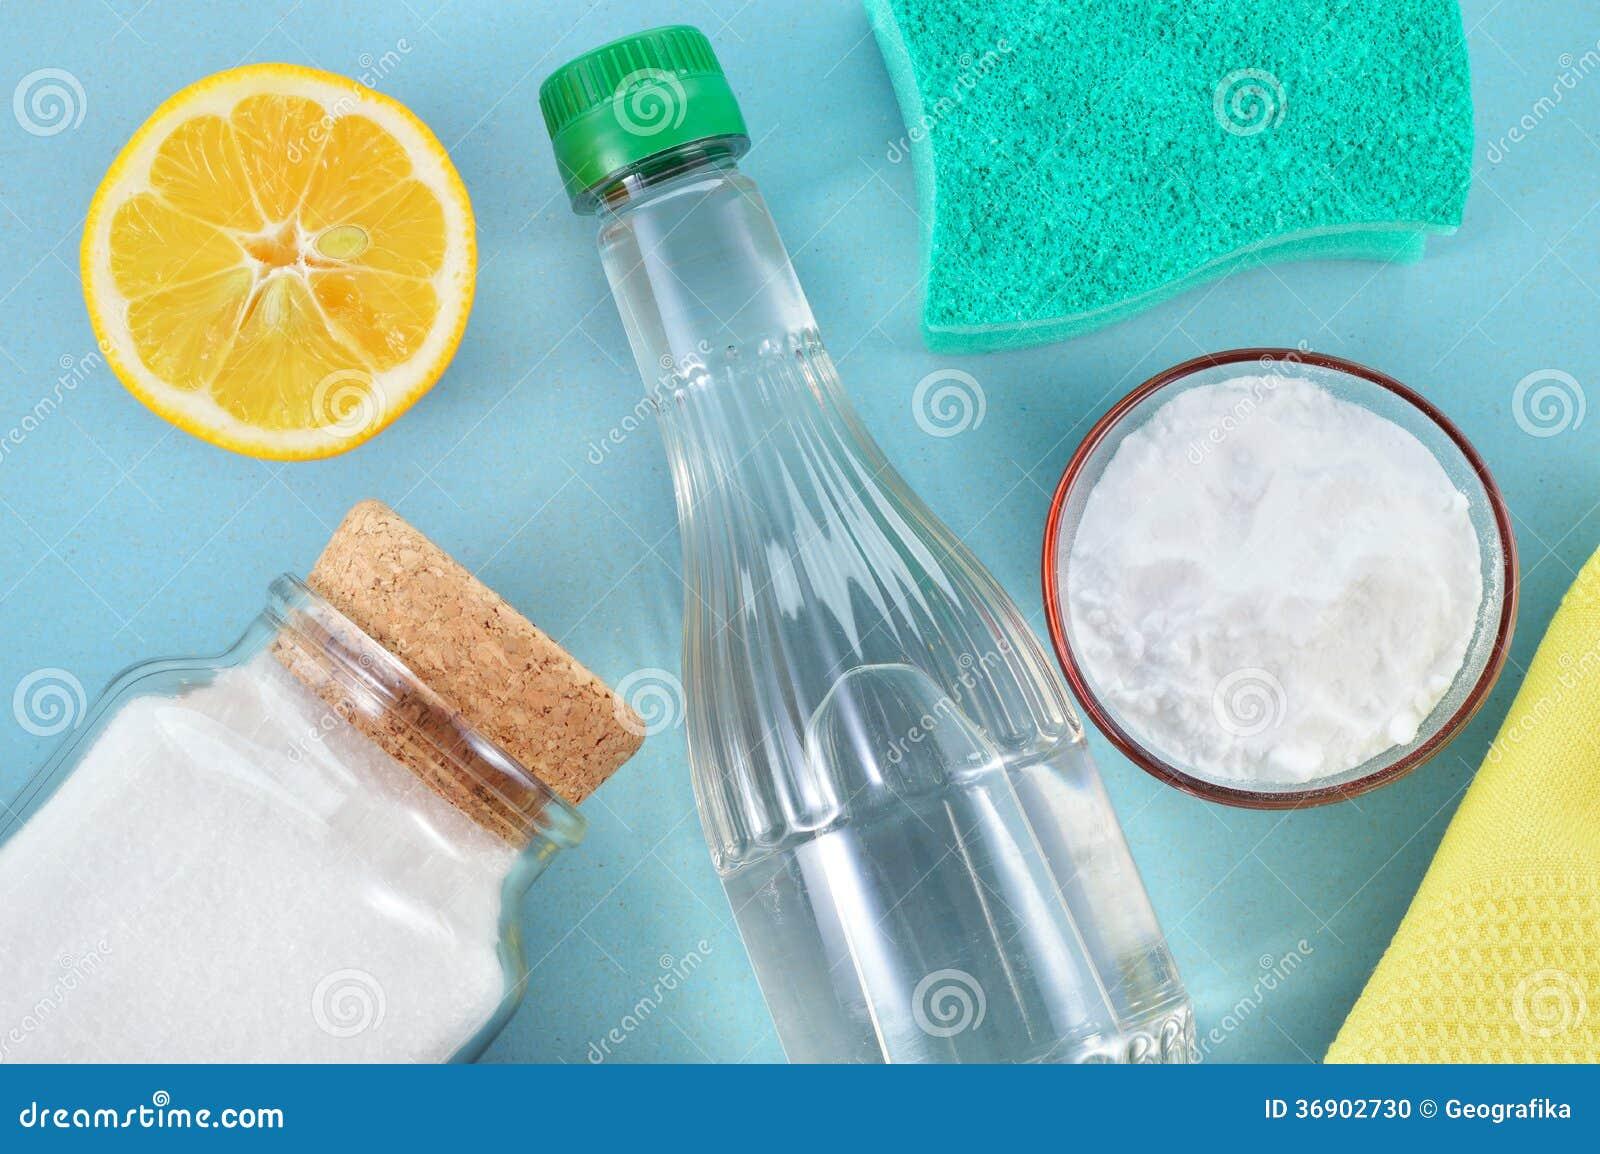 Соляной раствор своими руками